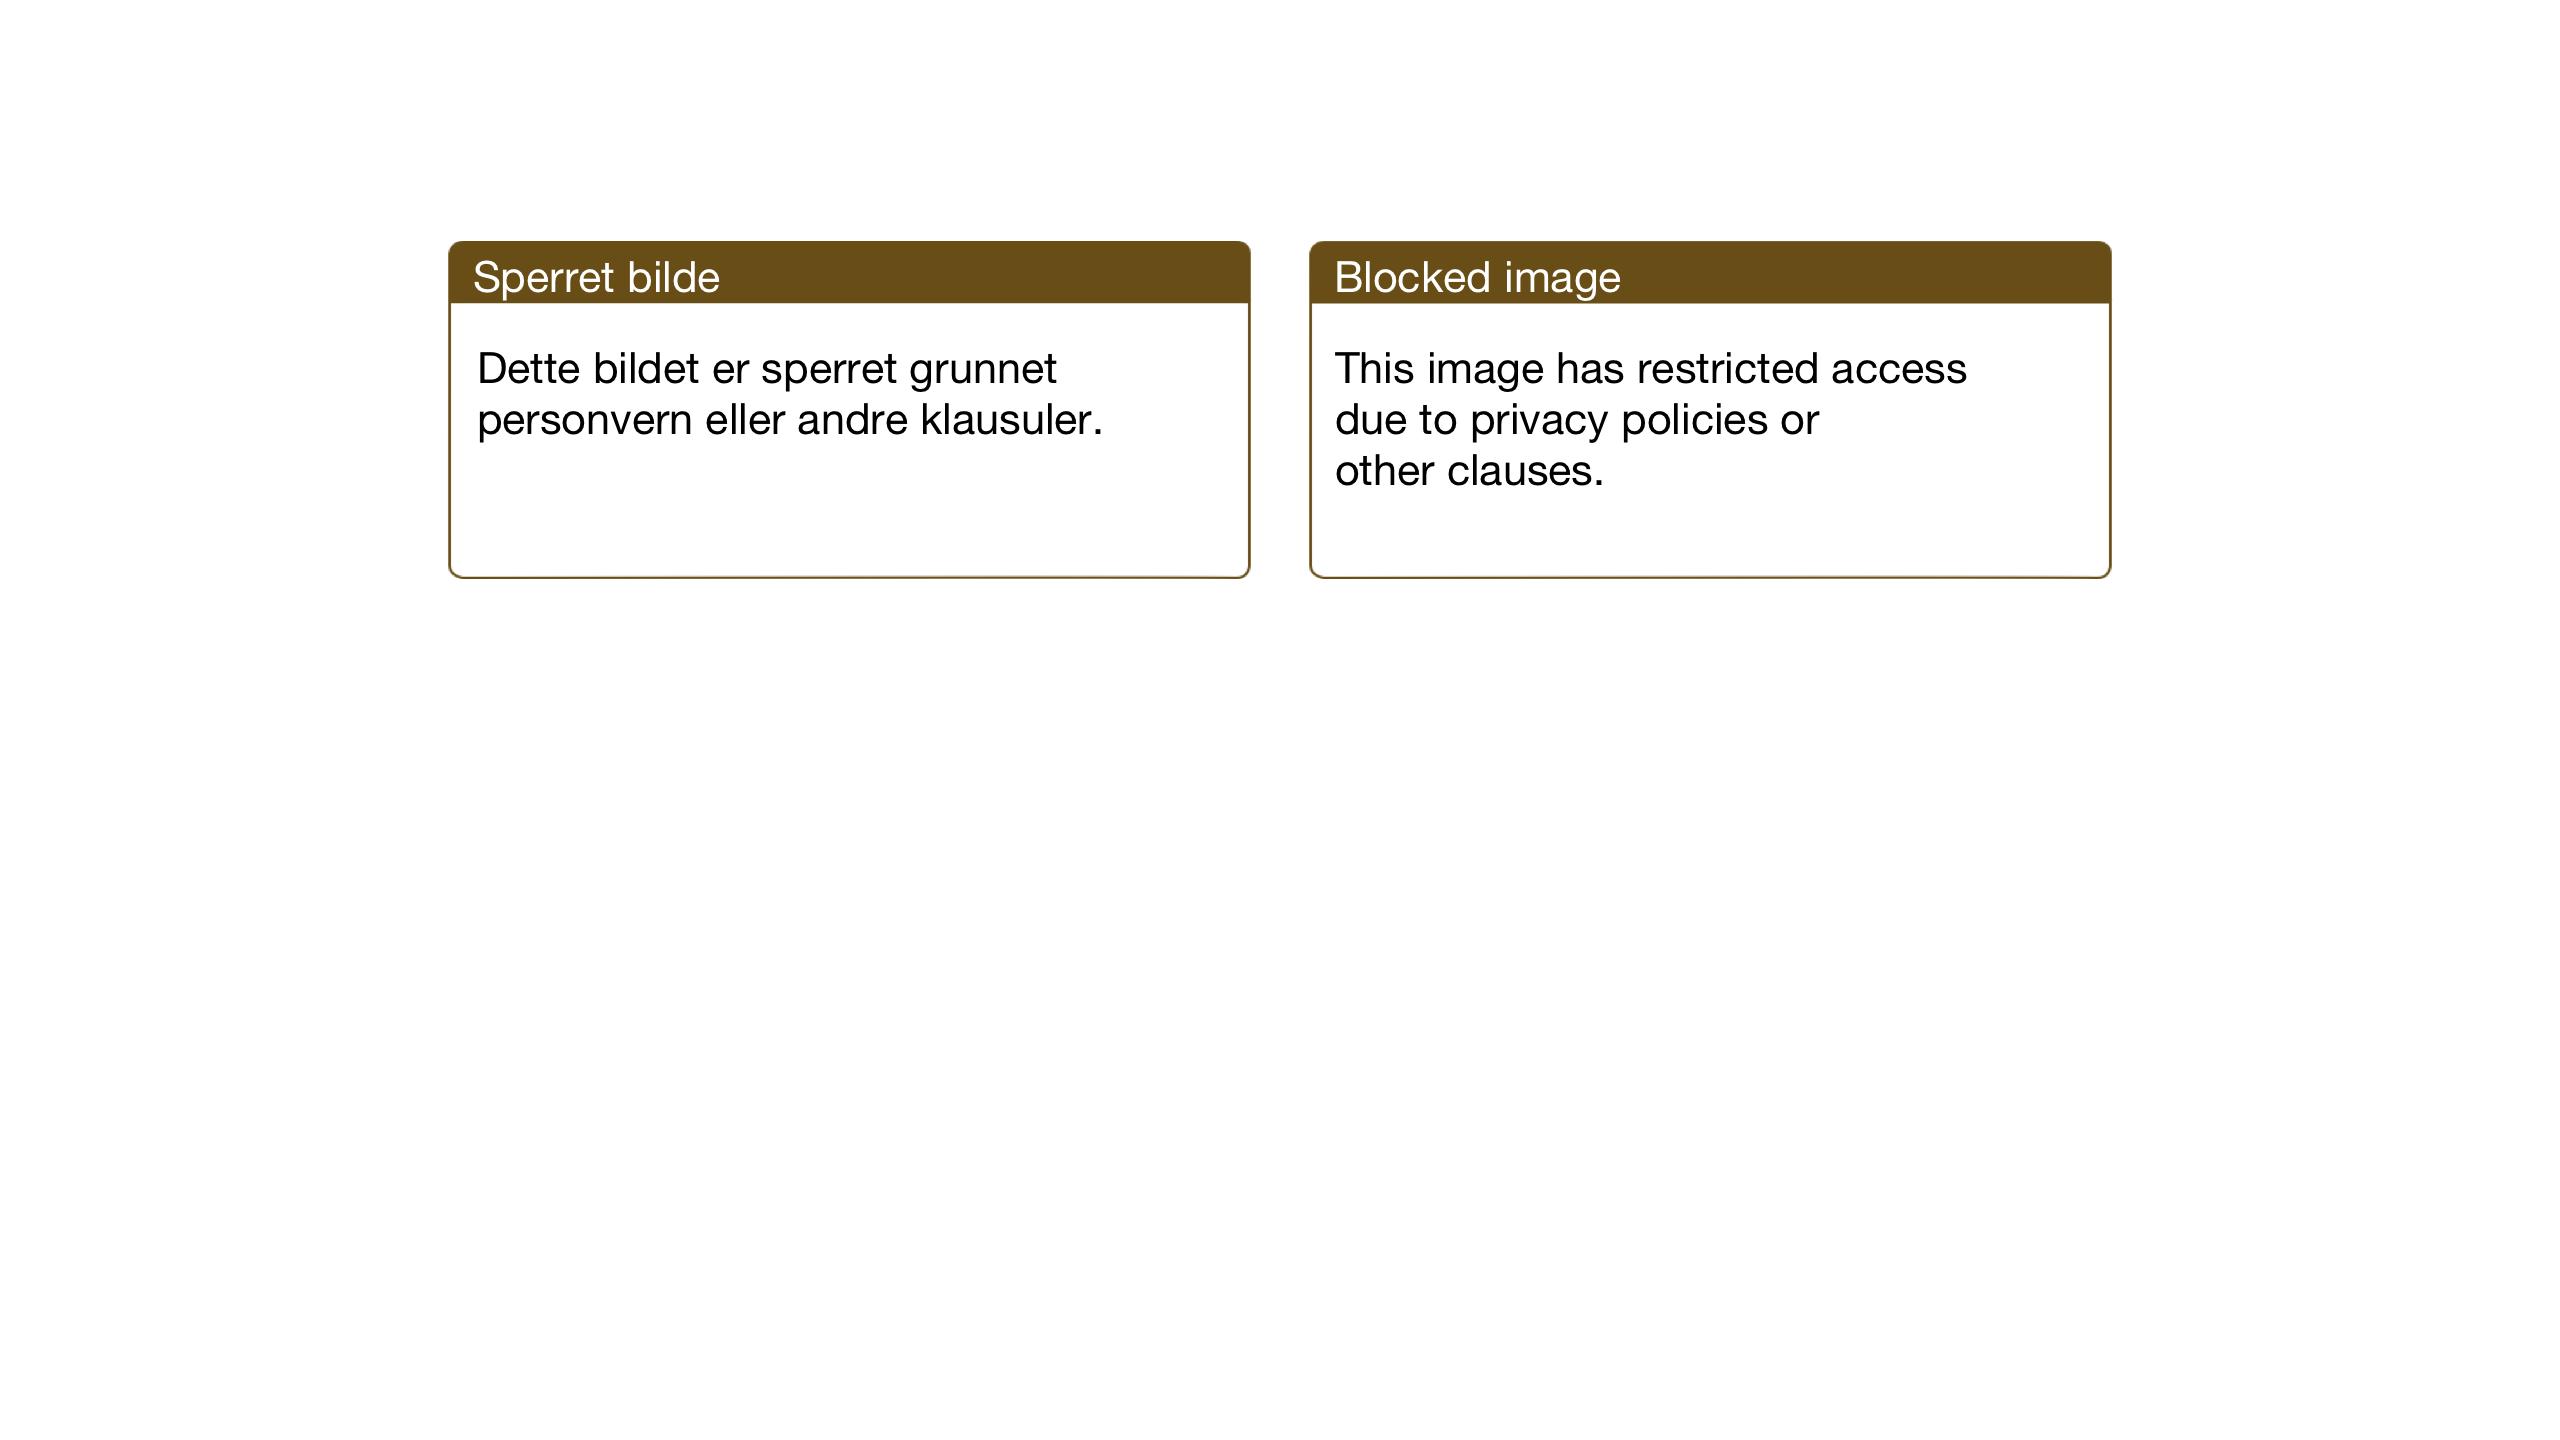 SAT, Ministerialprotokoller, klokkerbøker og fødselsregistre - Sør-Trøndelag, 674/L0878: Klokkerbok nr. 674C05, 1941-1950, s. 128